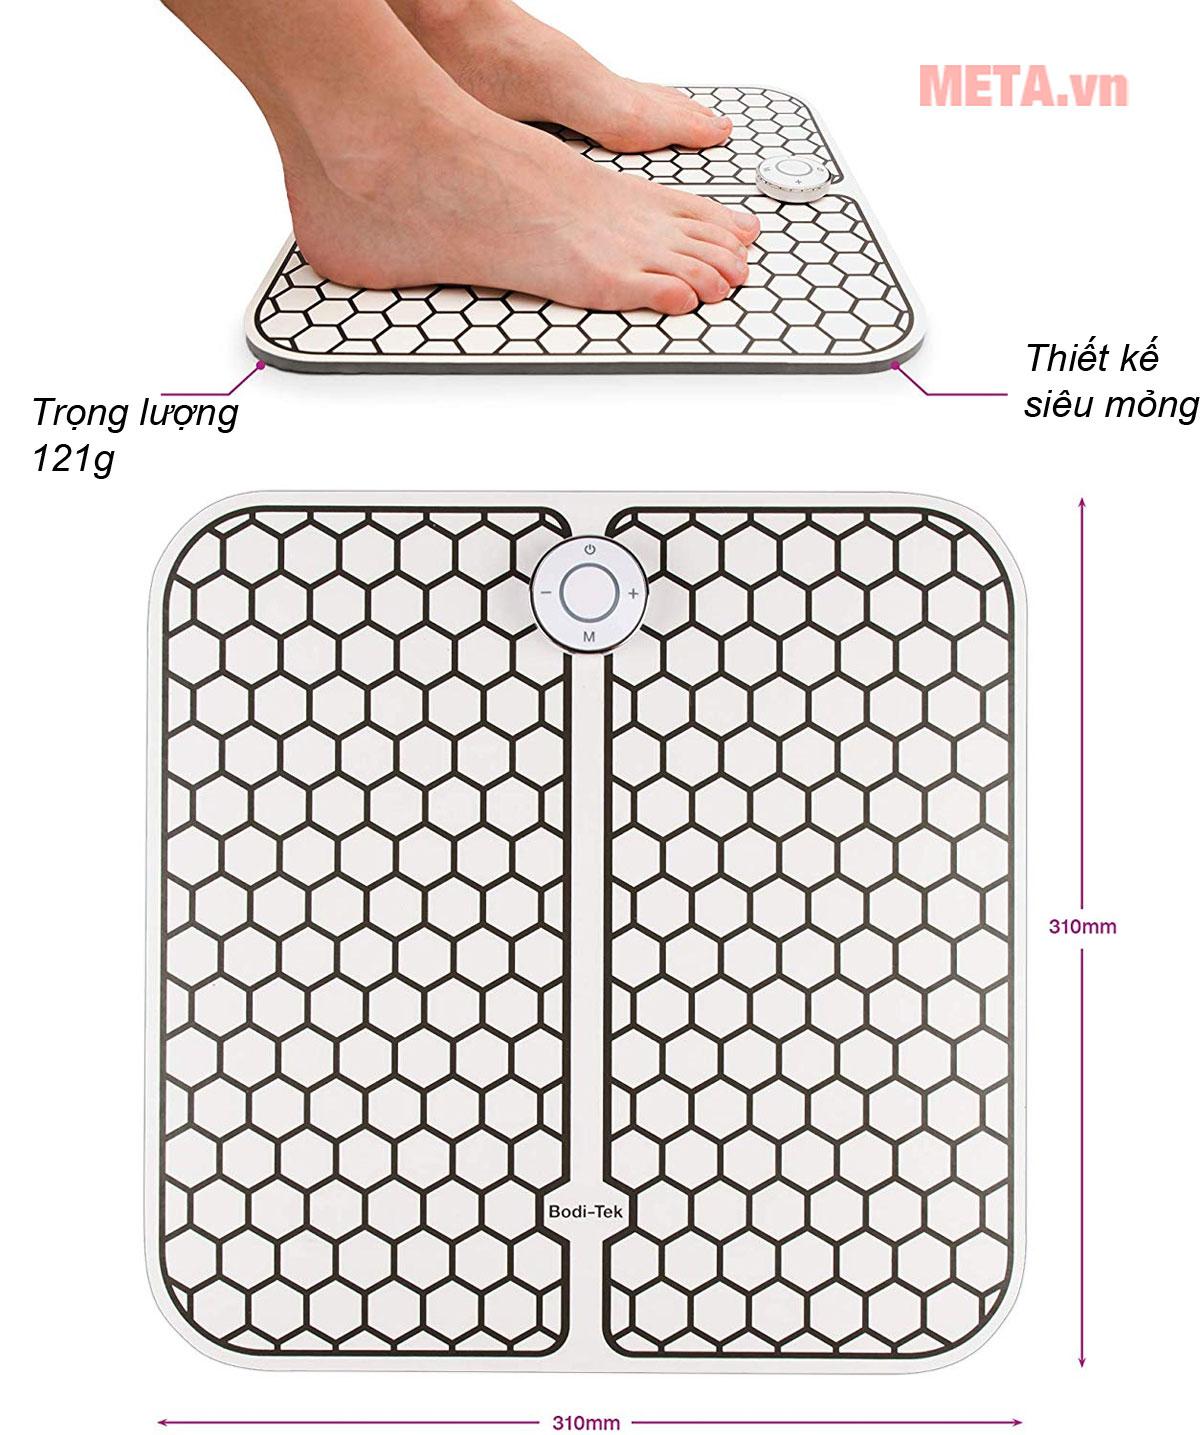 Máy massage chân thiết kế nhỏ gọn, mỏng nhẹ thích hợp sử dụng mọi nơi